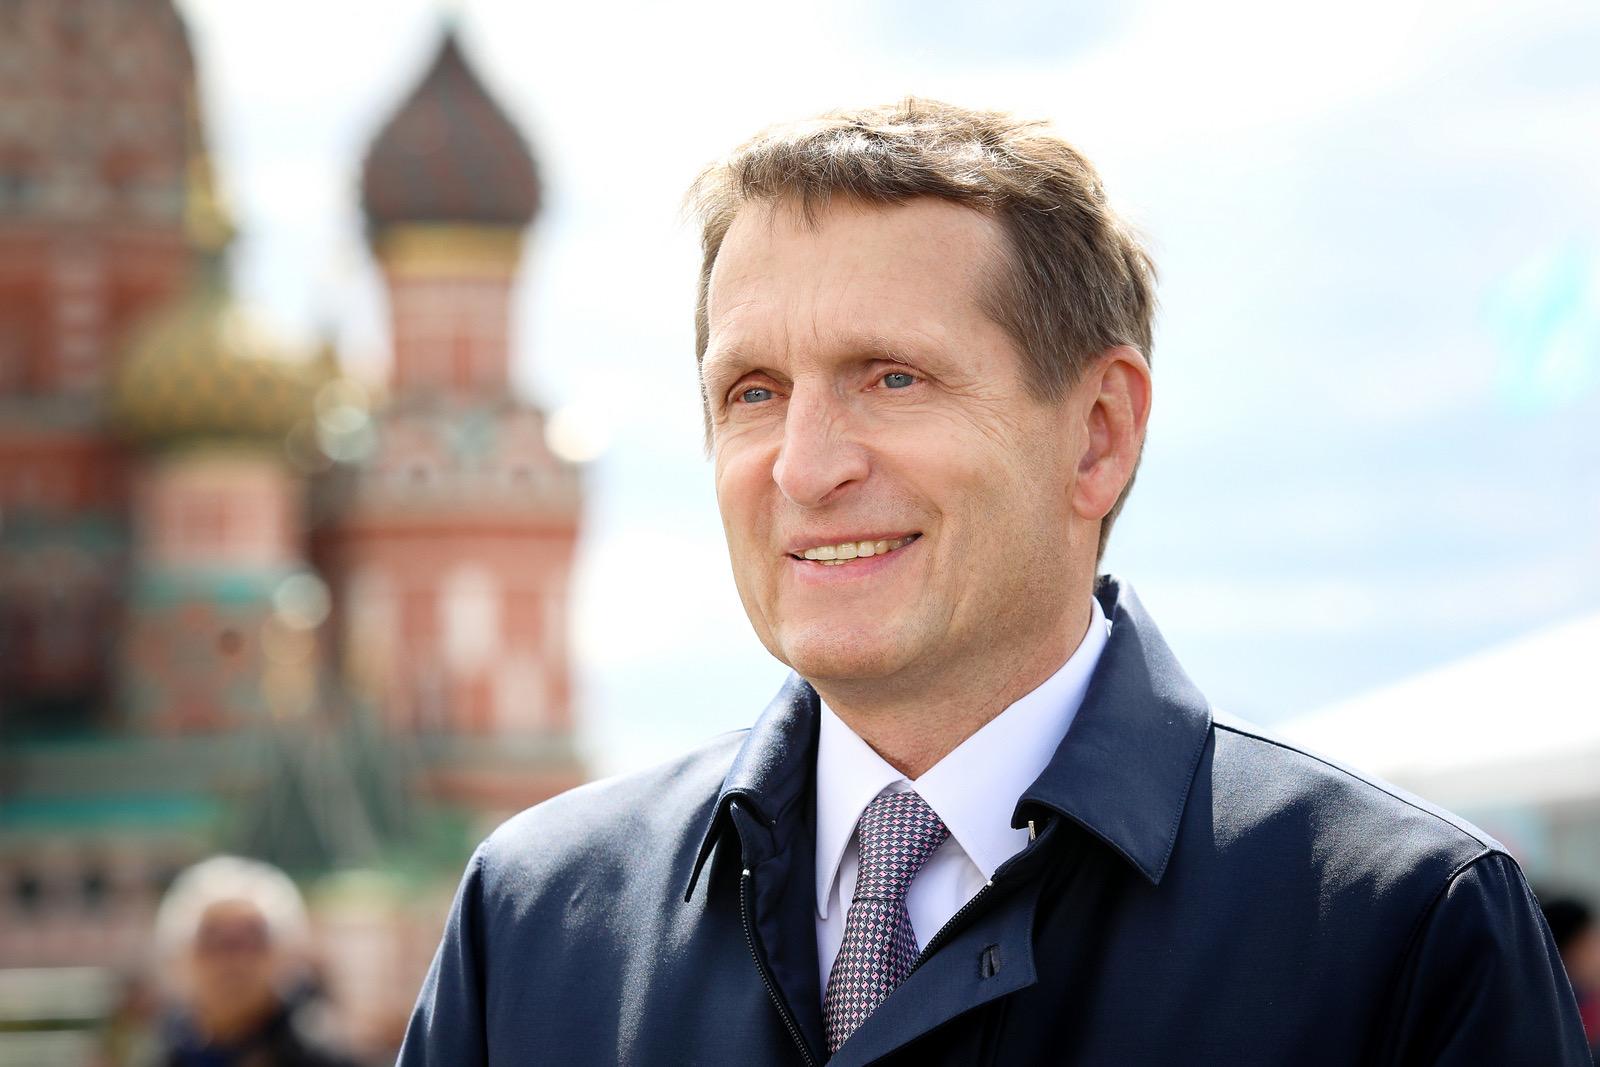 俄高官称西方情报部门煽动纳卡冲突 妄图破坏和平